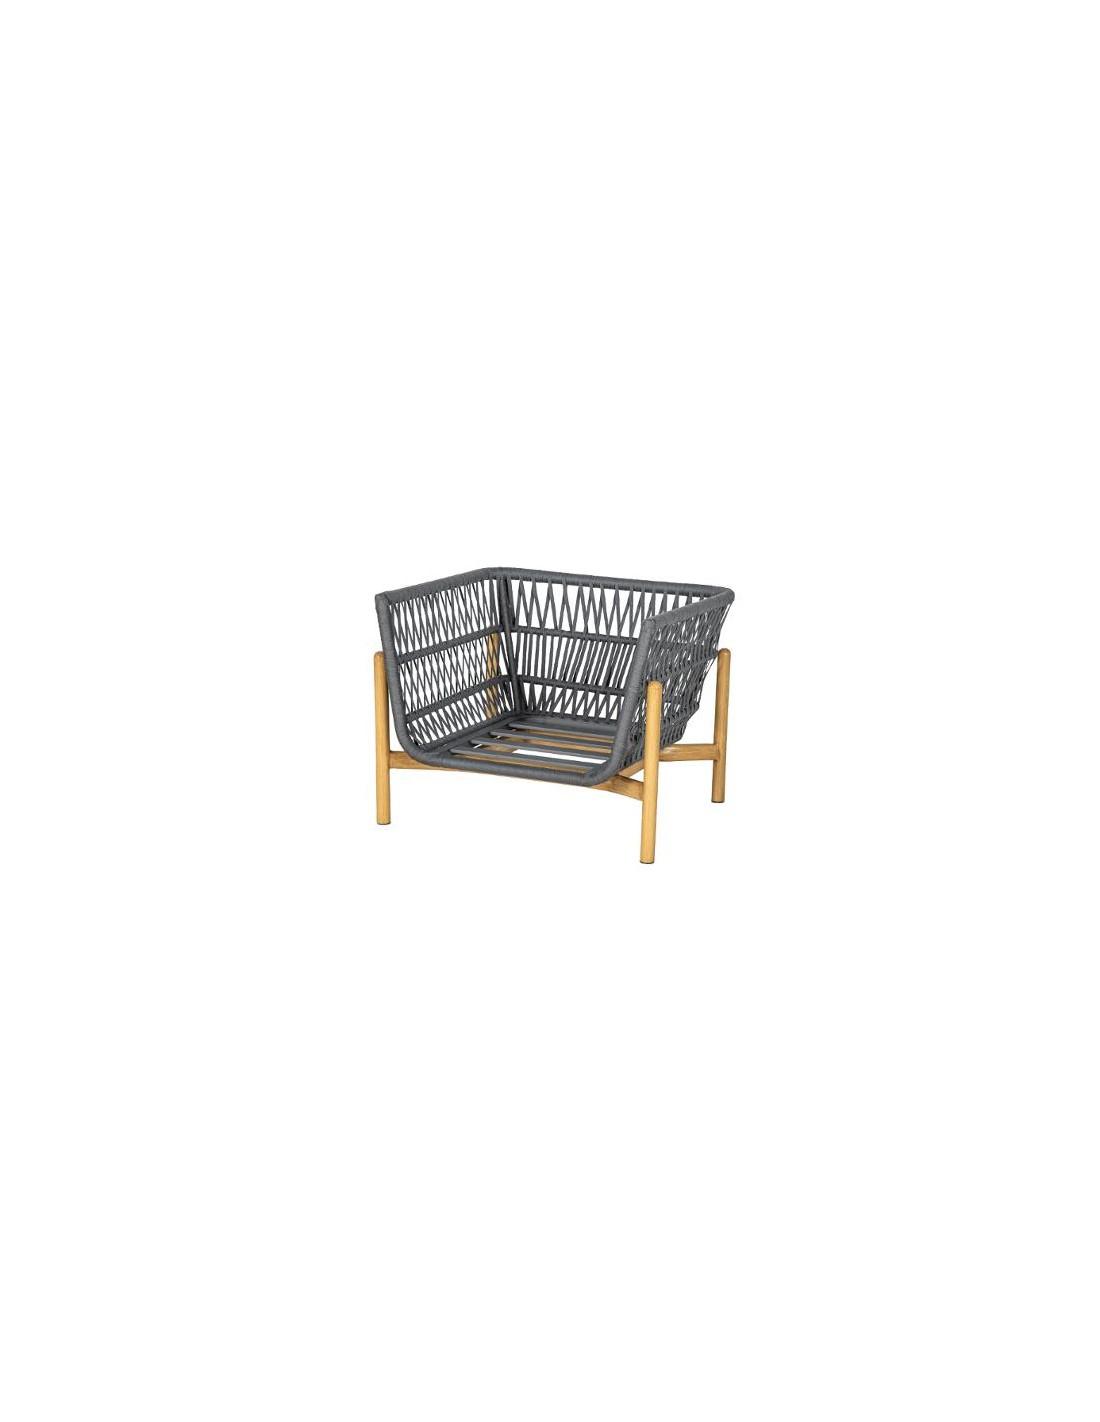 Fauteuil Rubby En Aluminium Et Maille Acrylique - Hesperide concernant Chaise De Jardin Hesperide